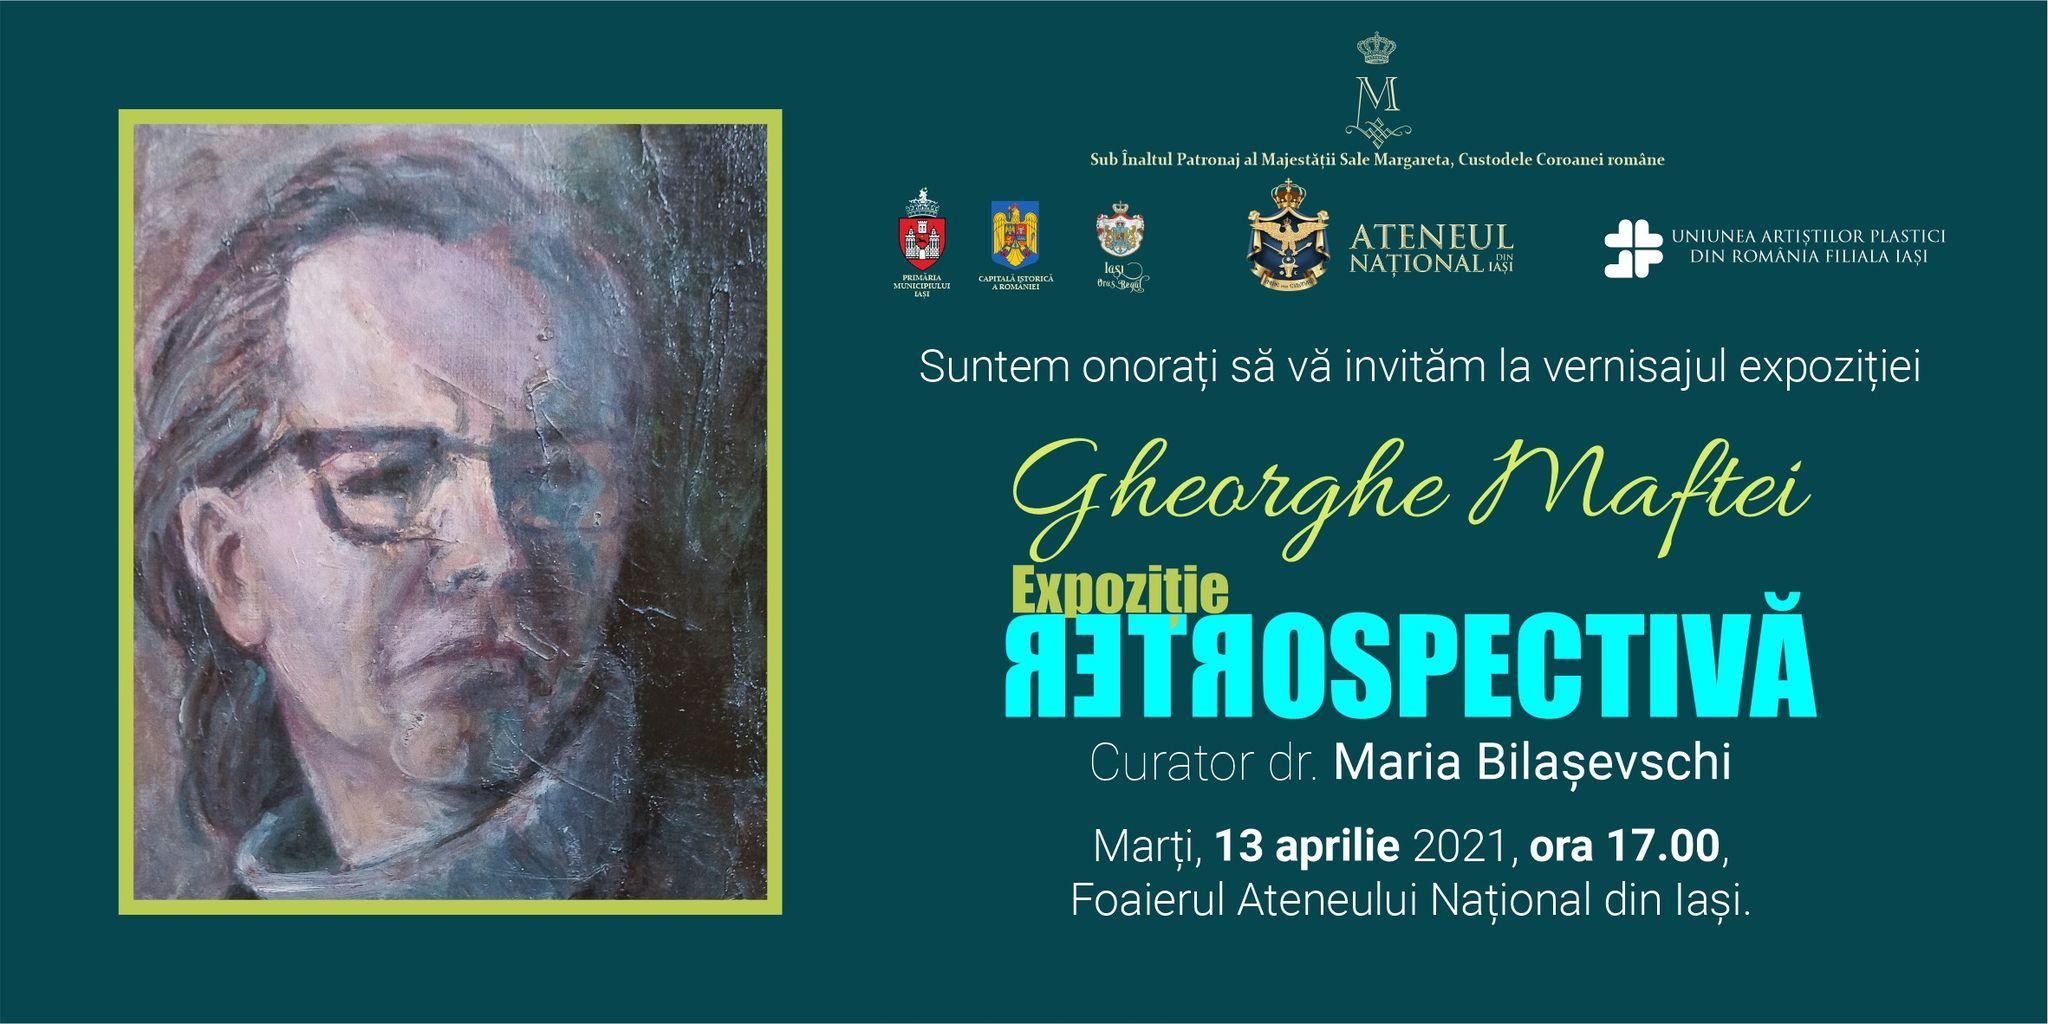 Gheorghe Maftei - Expozitie Retrospectiva